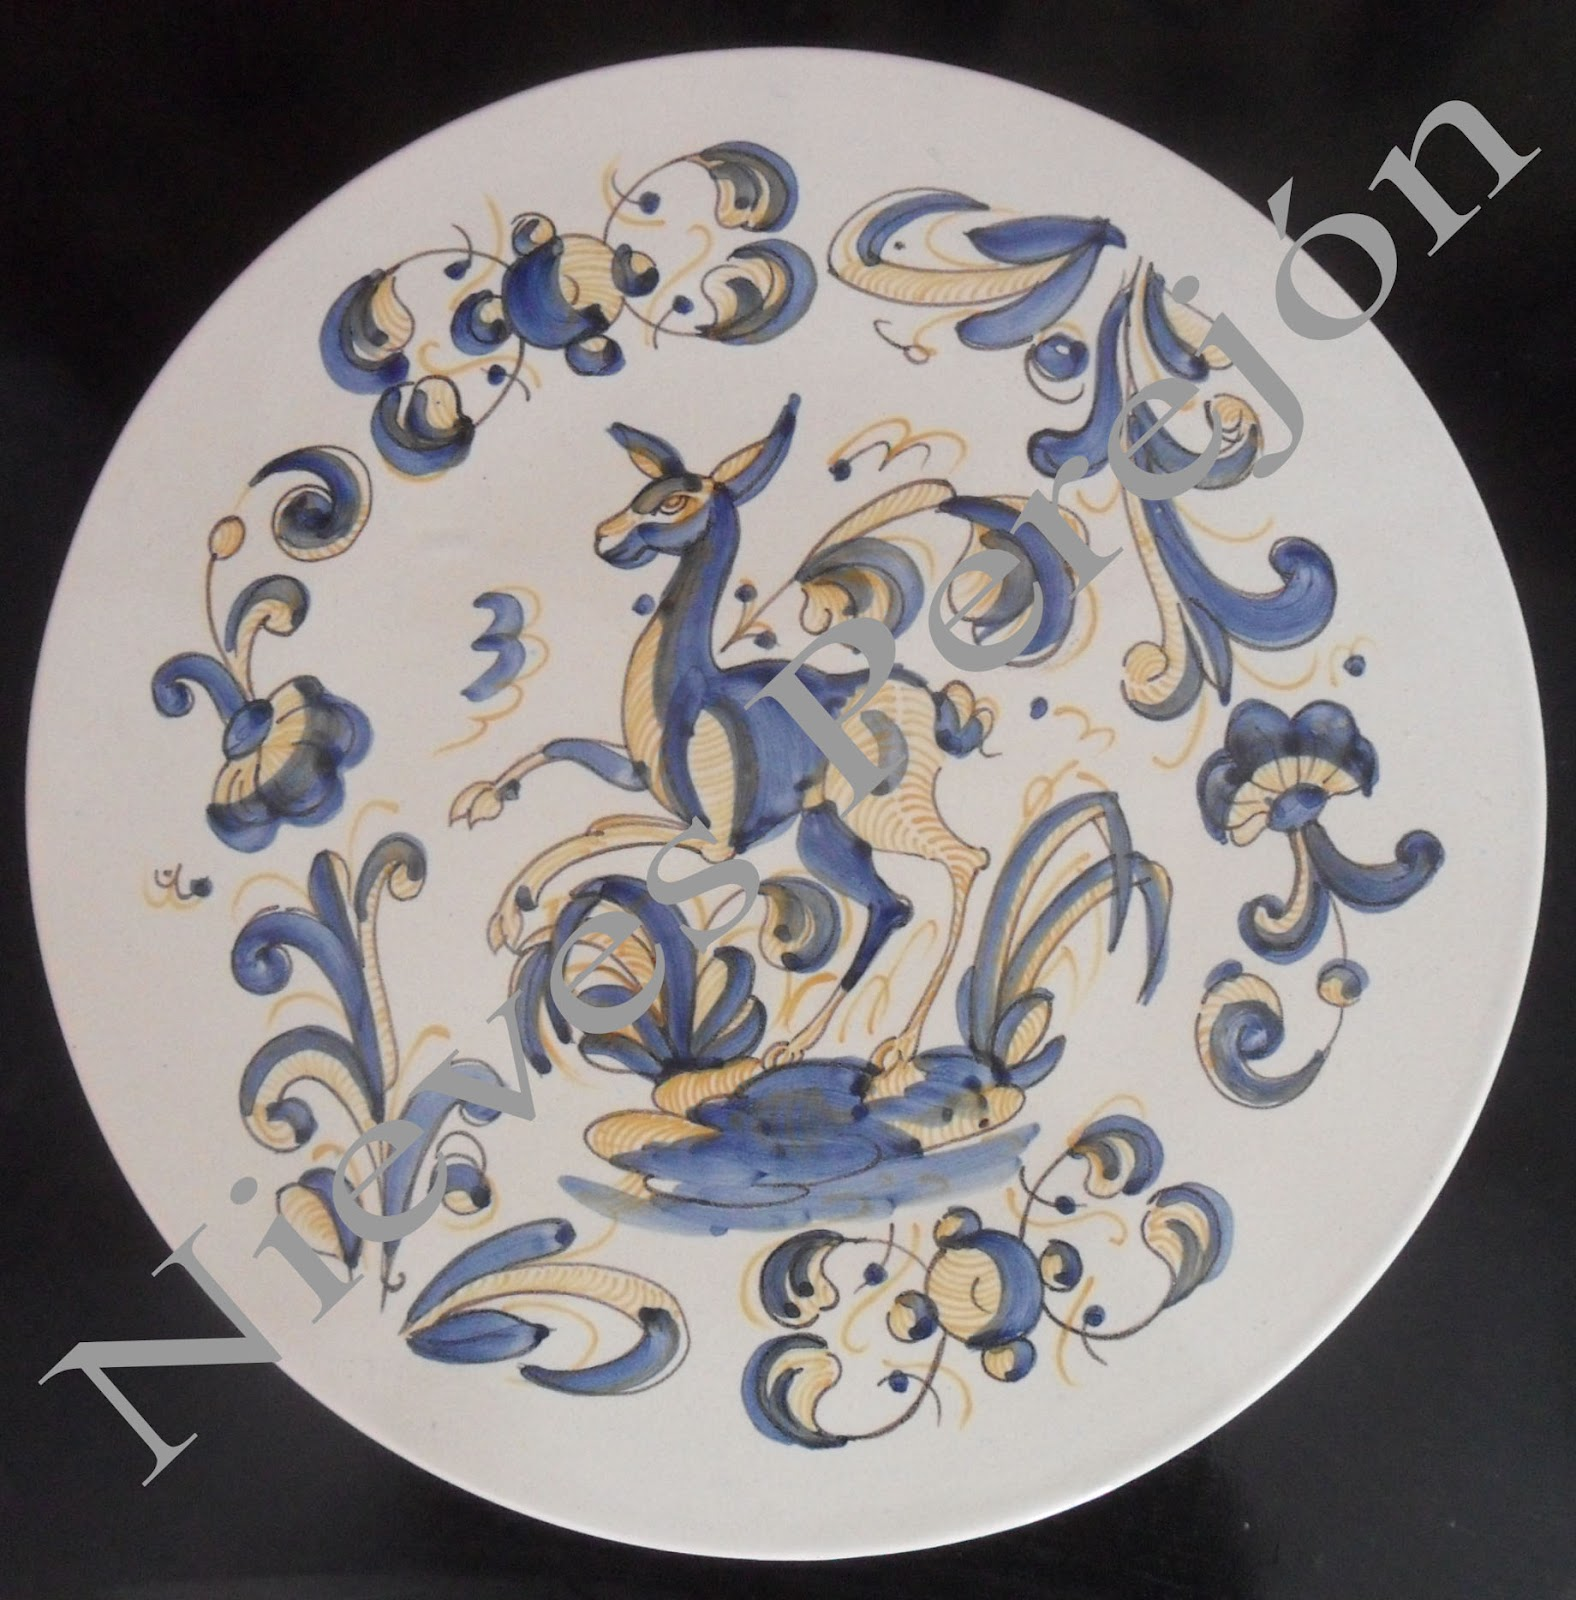 Nieves perej n platos cer mica for Platos de ceramica